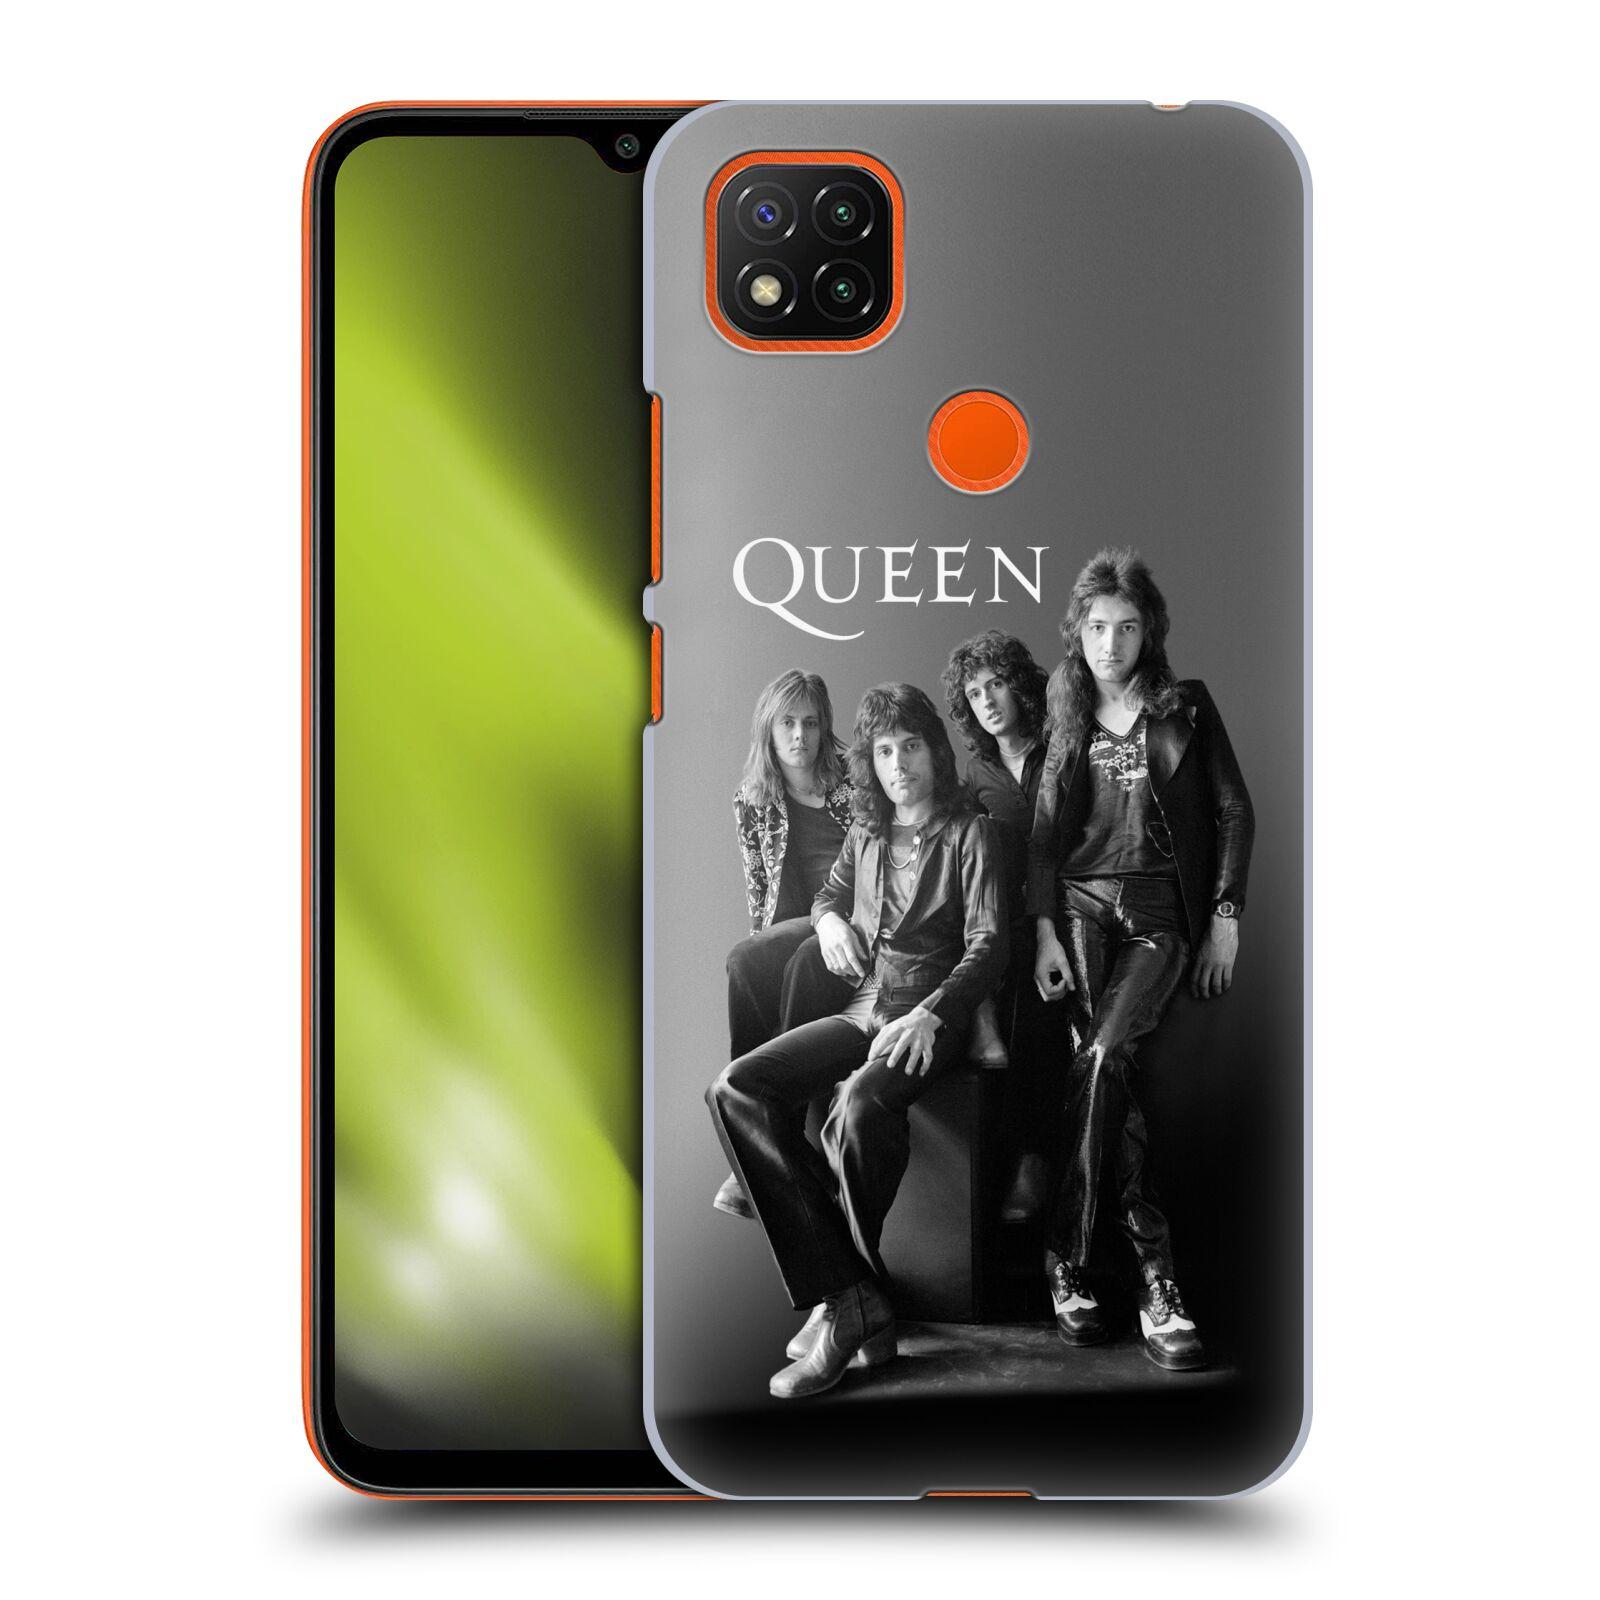 Plastové pouzdro na mobil Xiaomi Redmi 9C - Head Case - Queen - Skupina